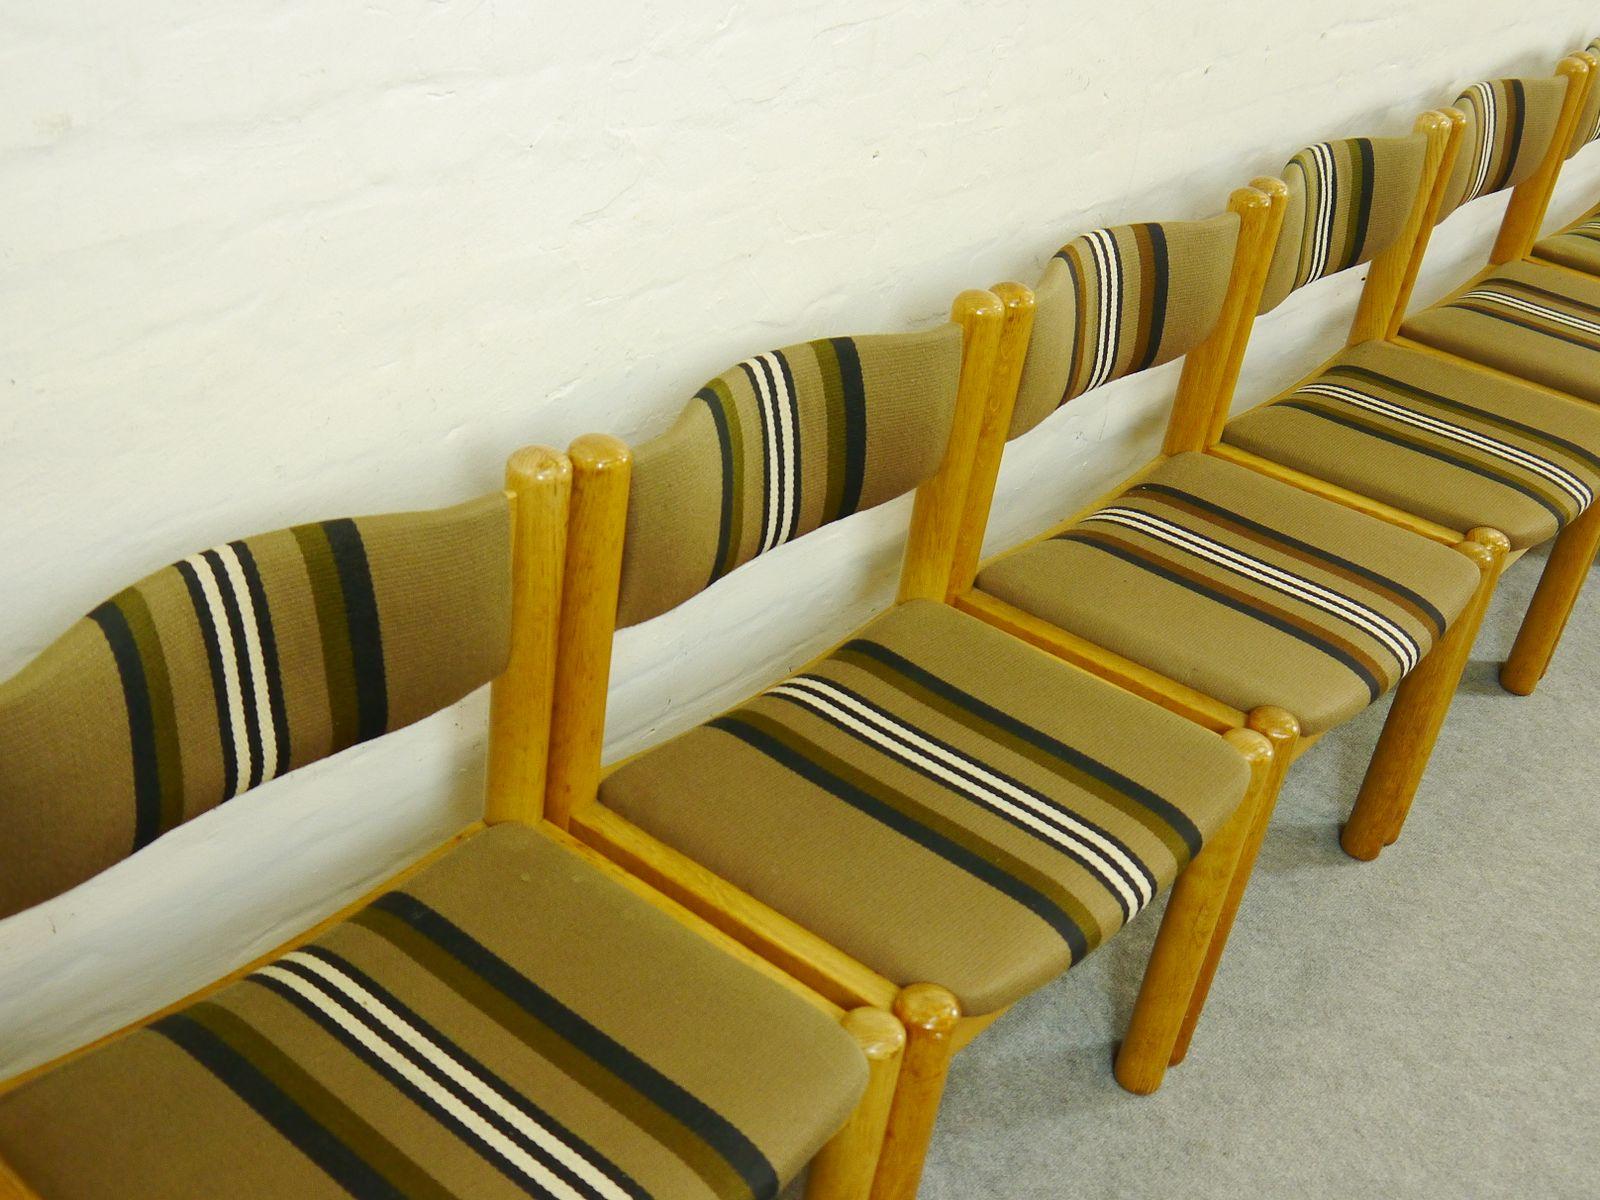 skandinavische vintage esszimmerst hle 8er set bei pamono. Black Bedroom Furniture Sets. Home Design Ideas